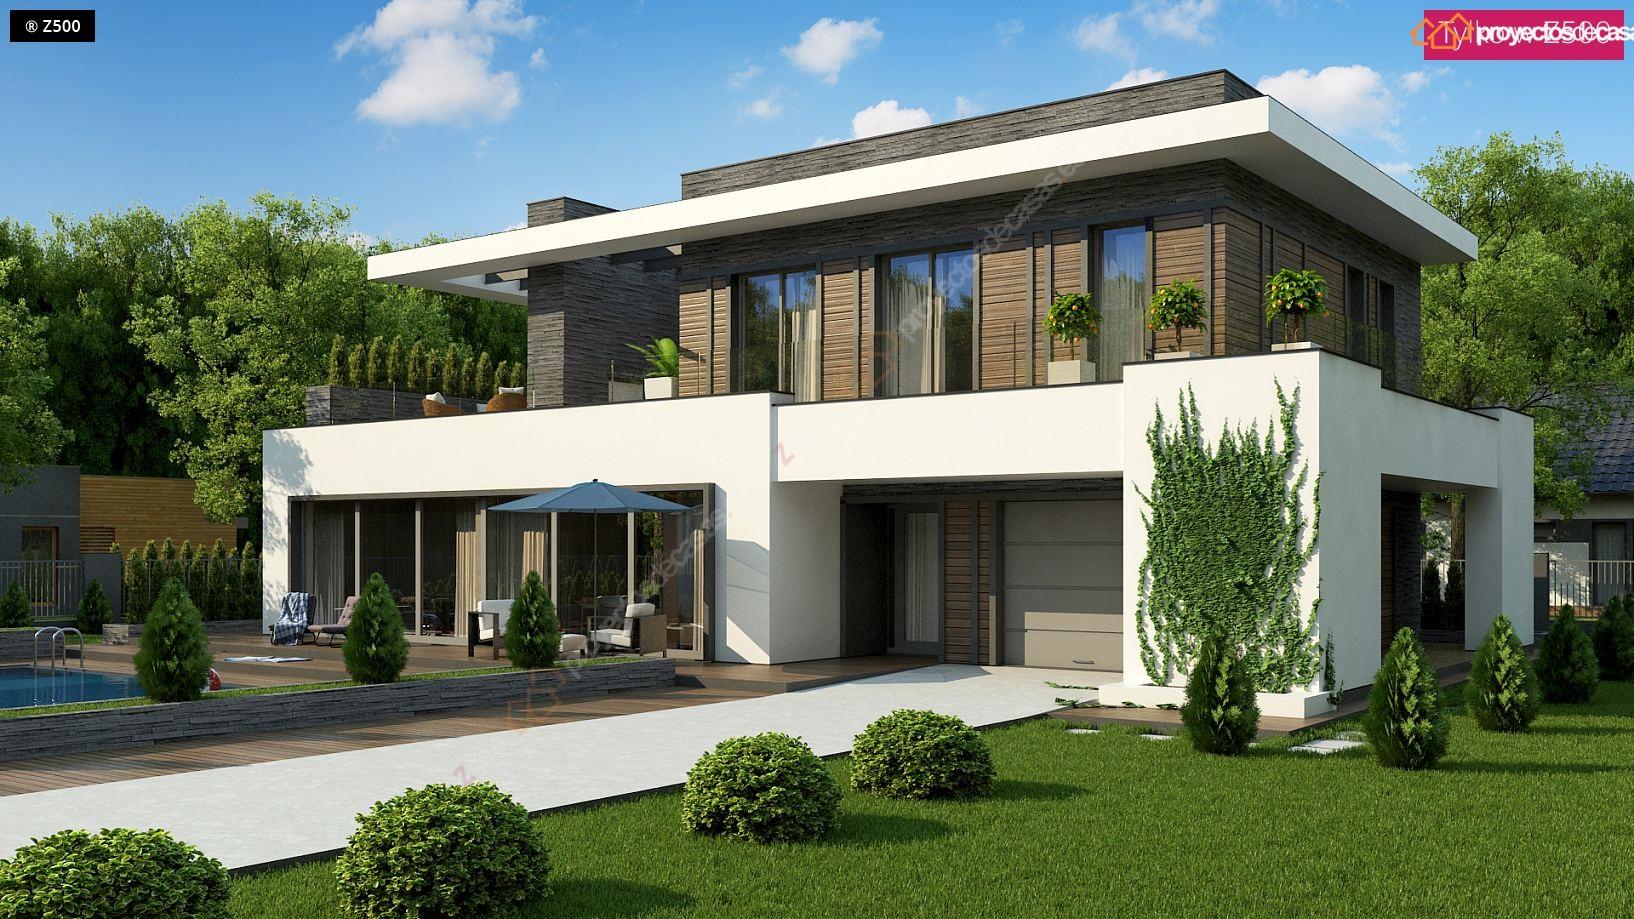 Proyectos de casas casa moderna con piscina zaragoza for Proyectos casas modernas